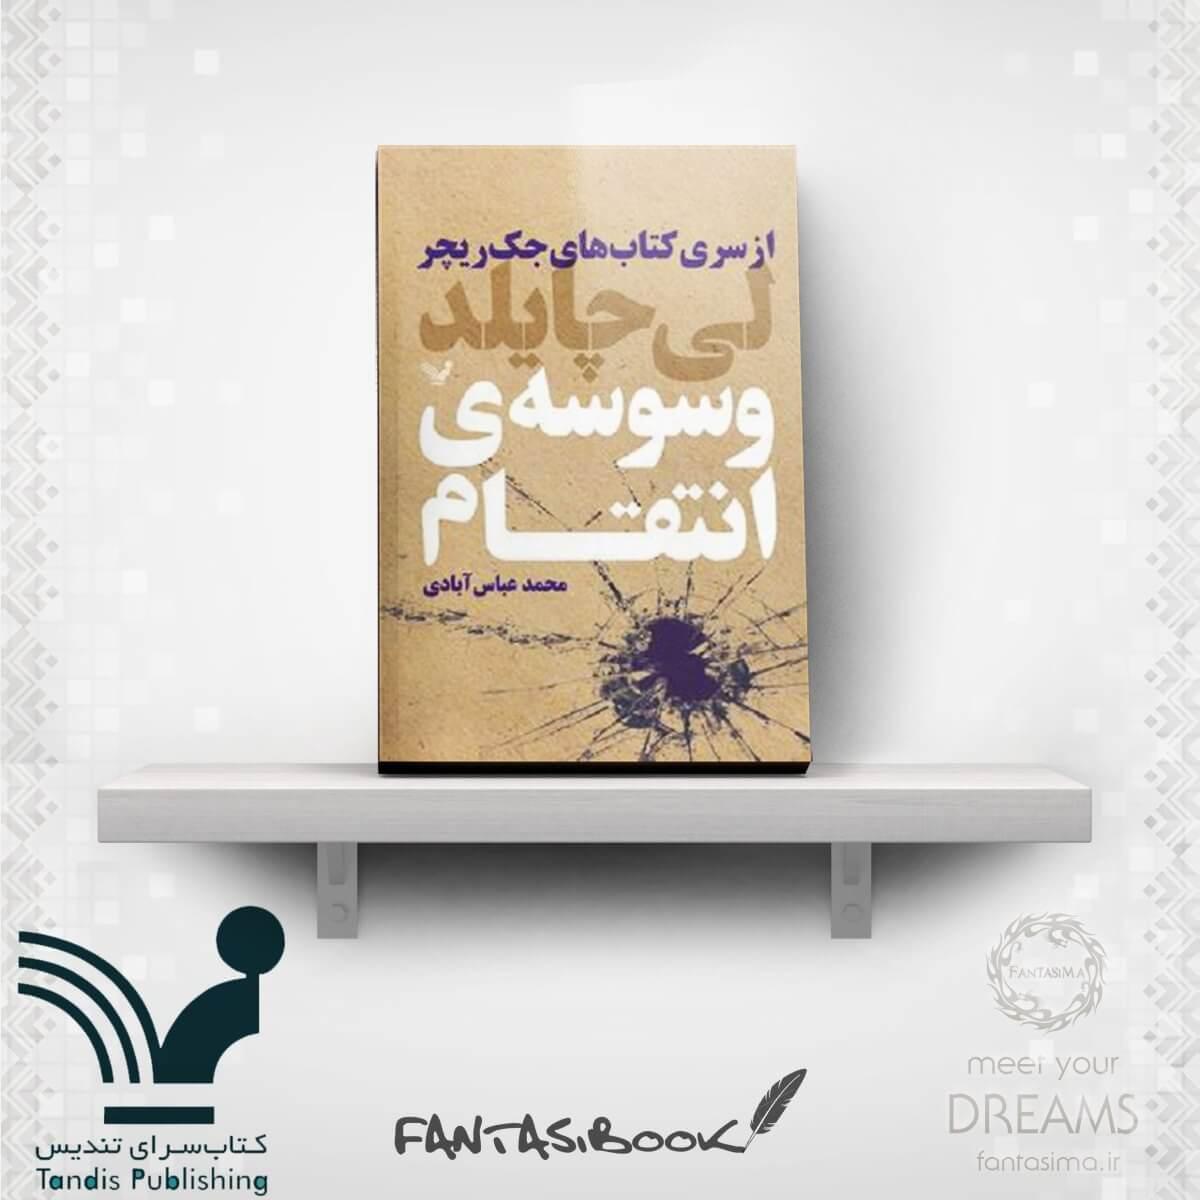 کتاب جک ریچر - جلد 07 - وسوسه انتقام